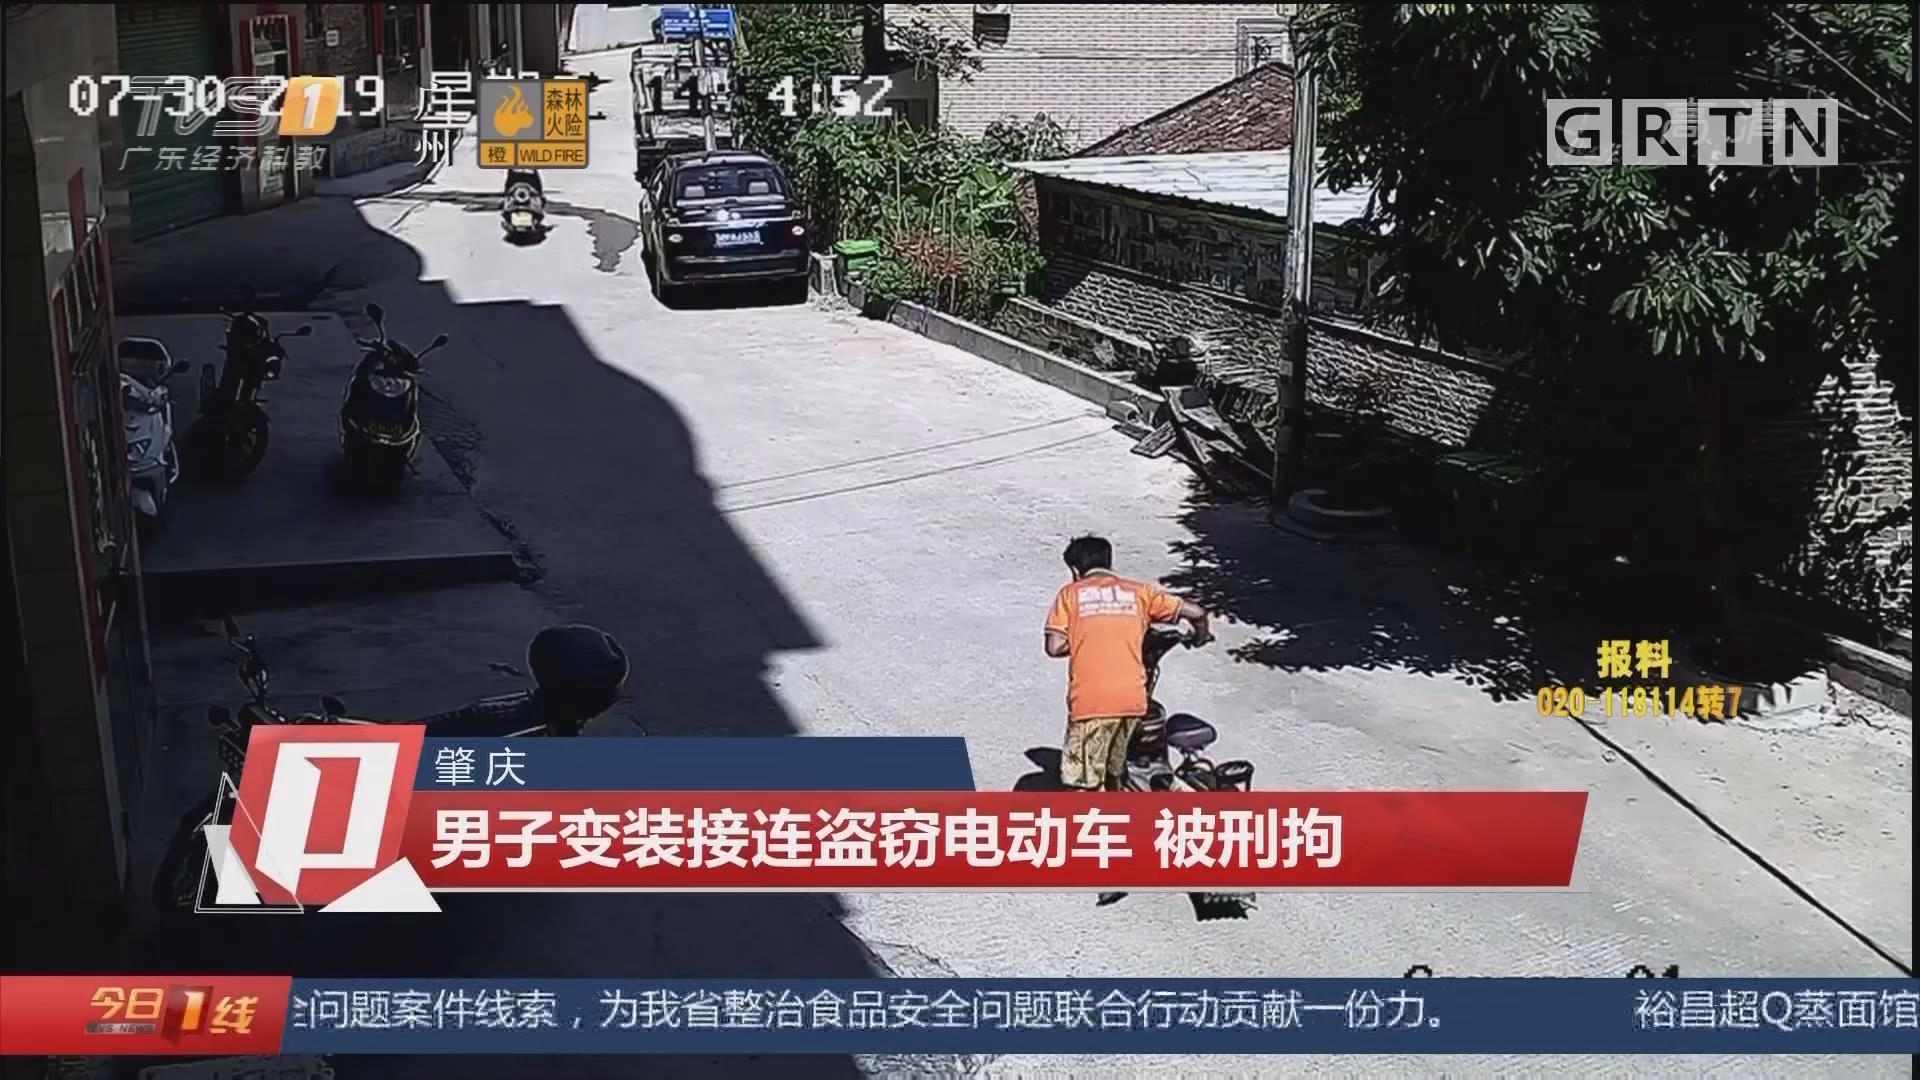 肇庆:男子变装接连盗窃电动车 被刑拘